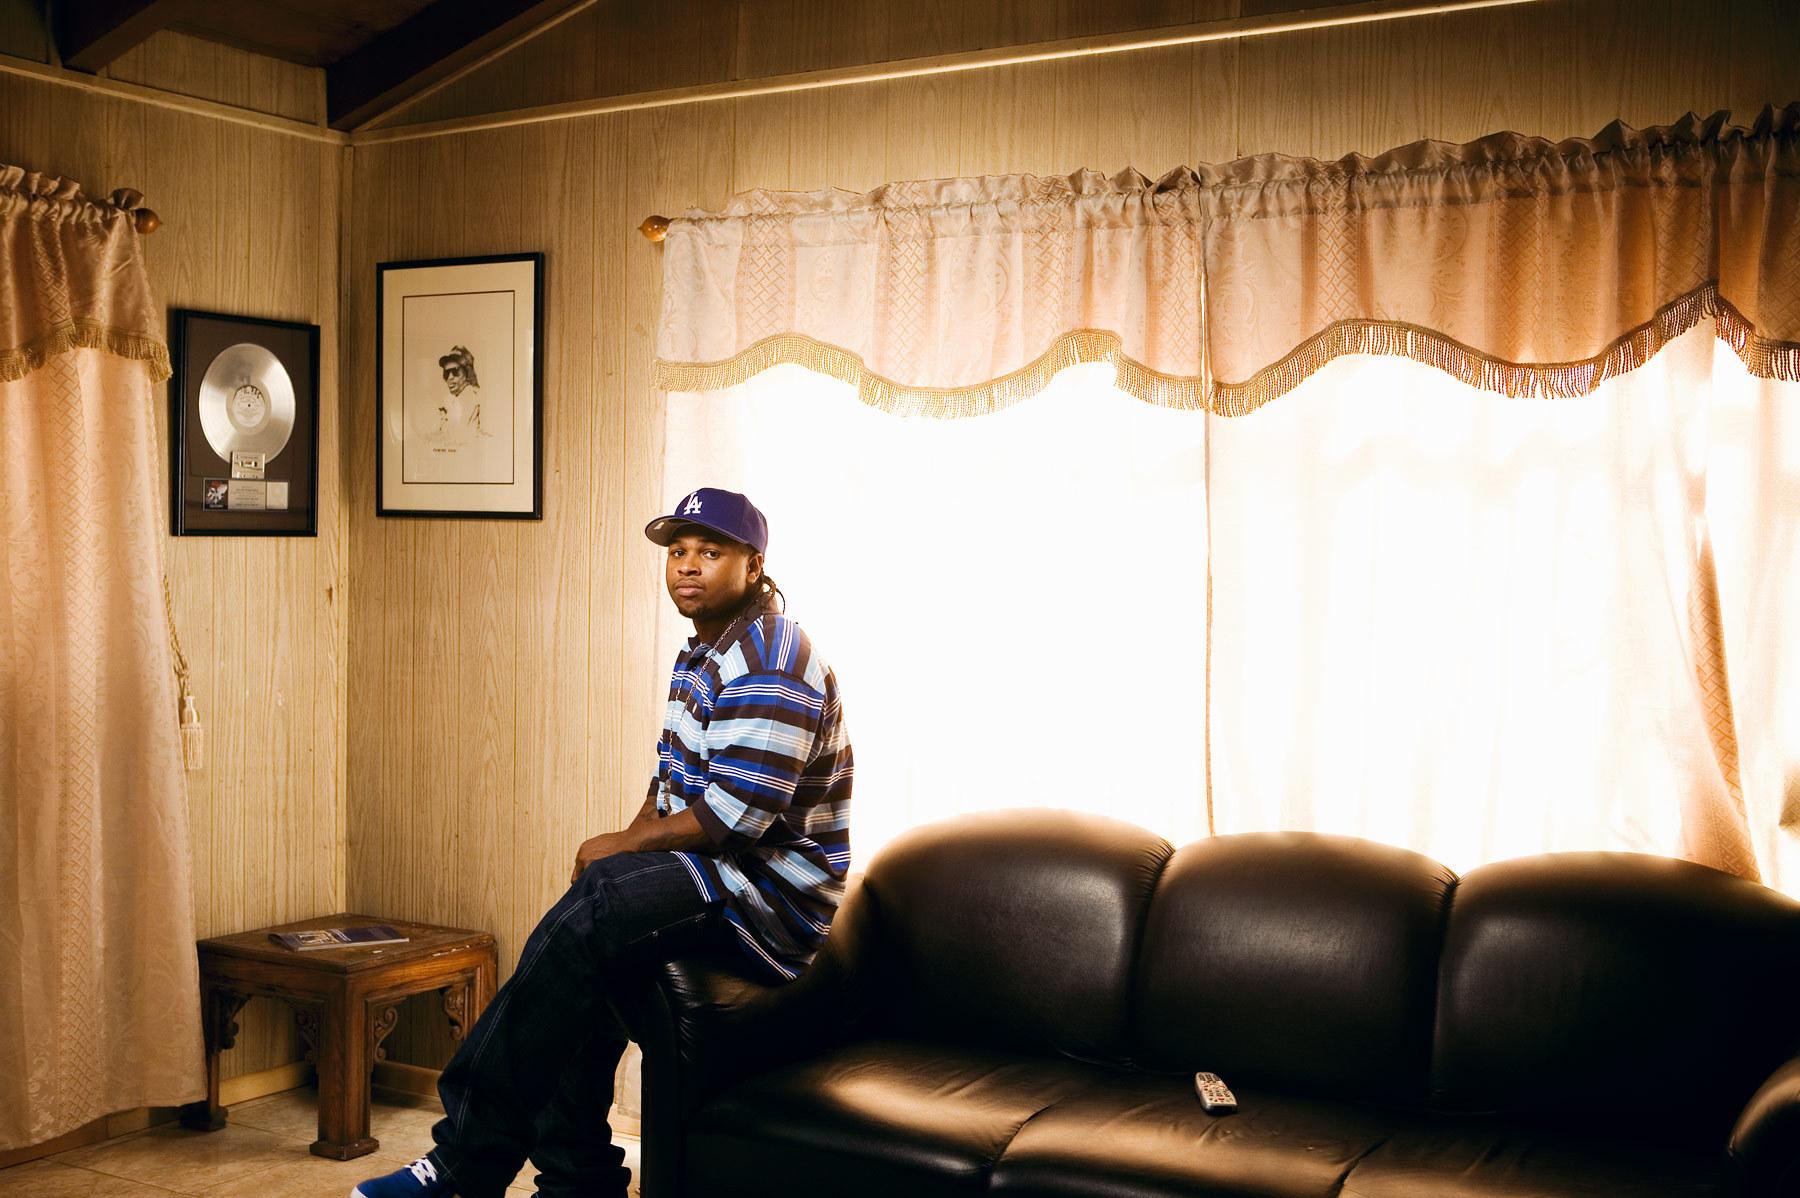 Eazy E nwa gangsta rapper rap hip hop eazy e ds wallpaper background 1800x1198